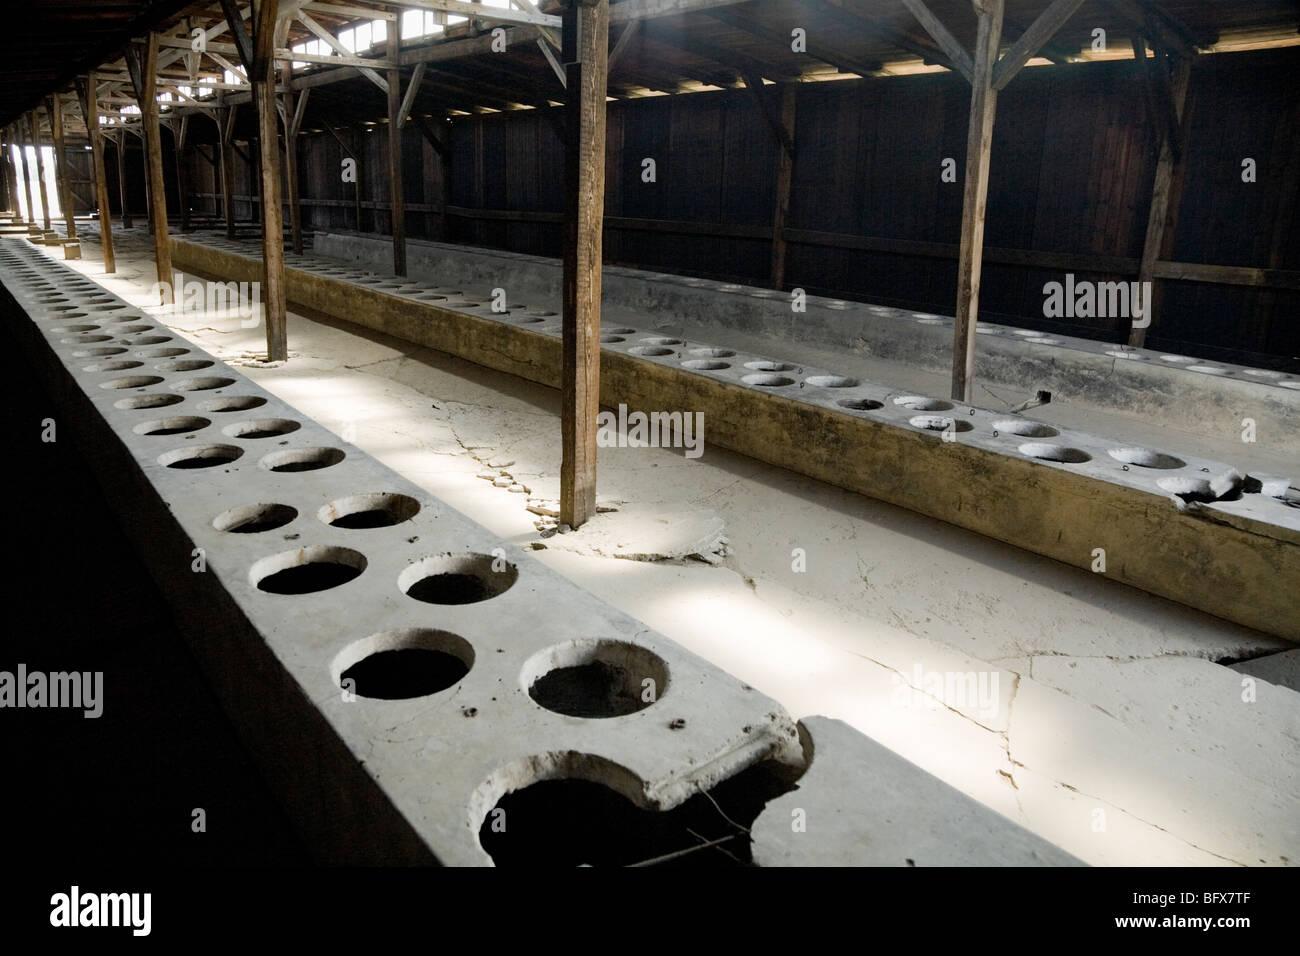 Toilets inside a latrine hut / shed of the Birkenau (Auschwitz II - Birkenau) Nazi death camp in Oswiecim, Poland. - Stock Image